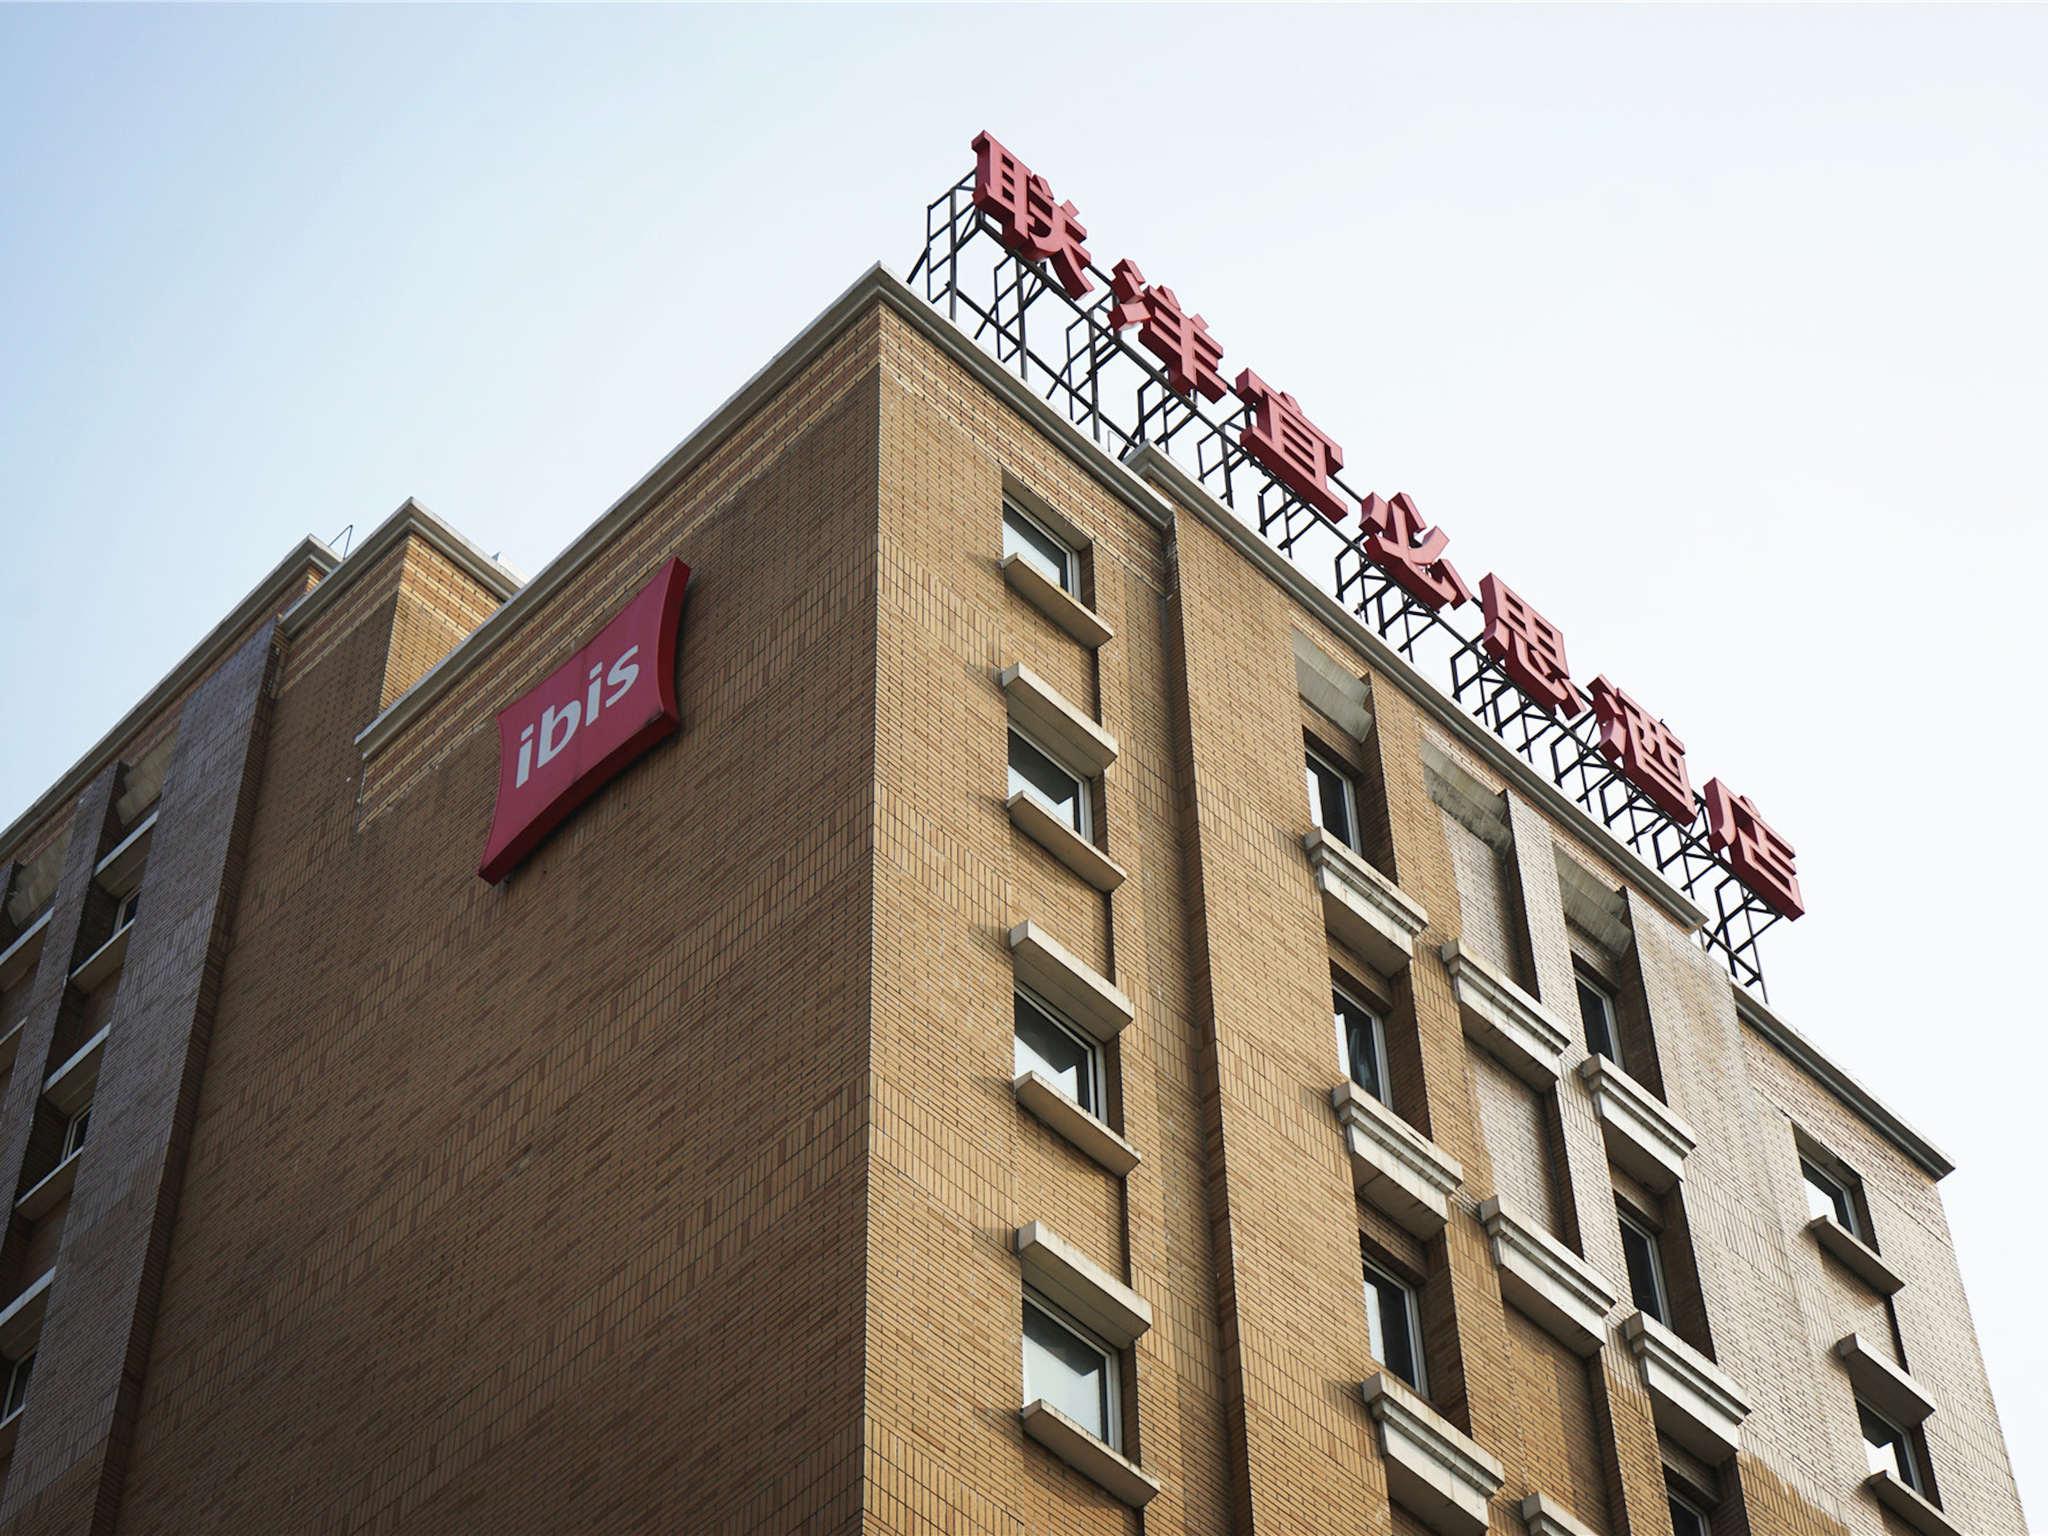 โรงแรม – ไอบิส เซี่ยงไฮ้ เหลียนหยาง